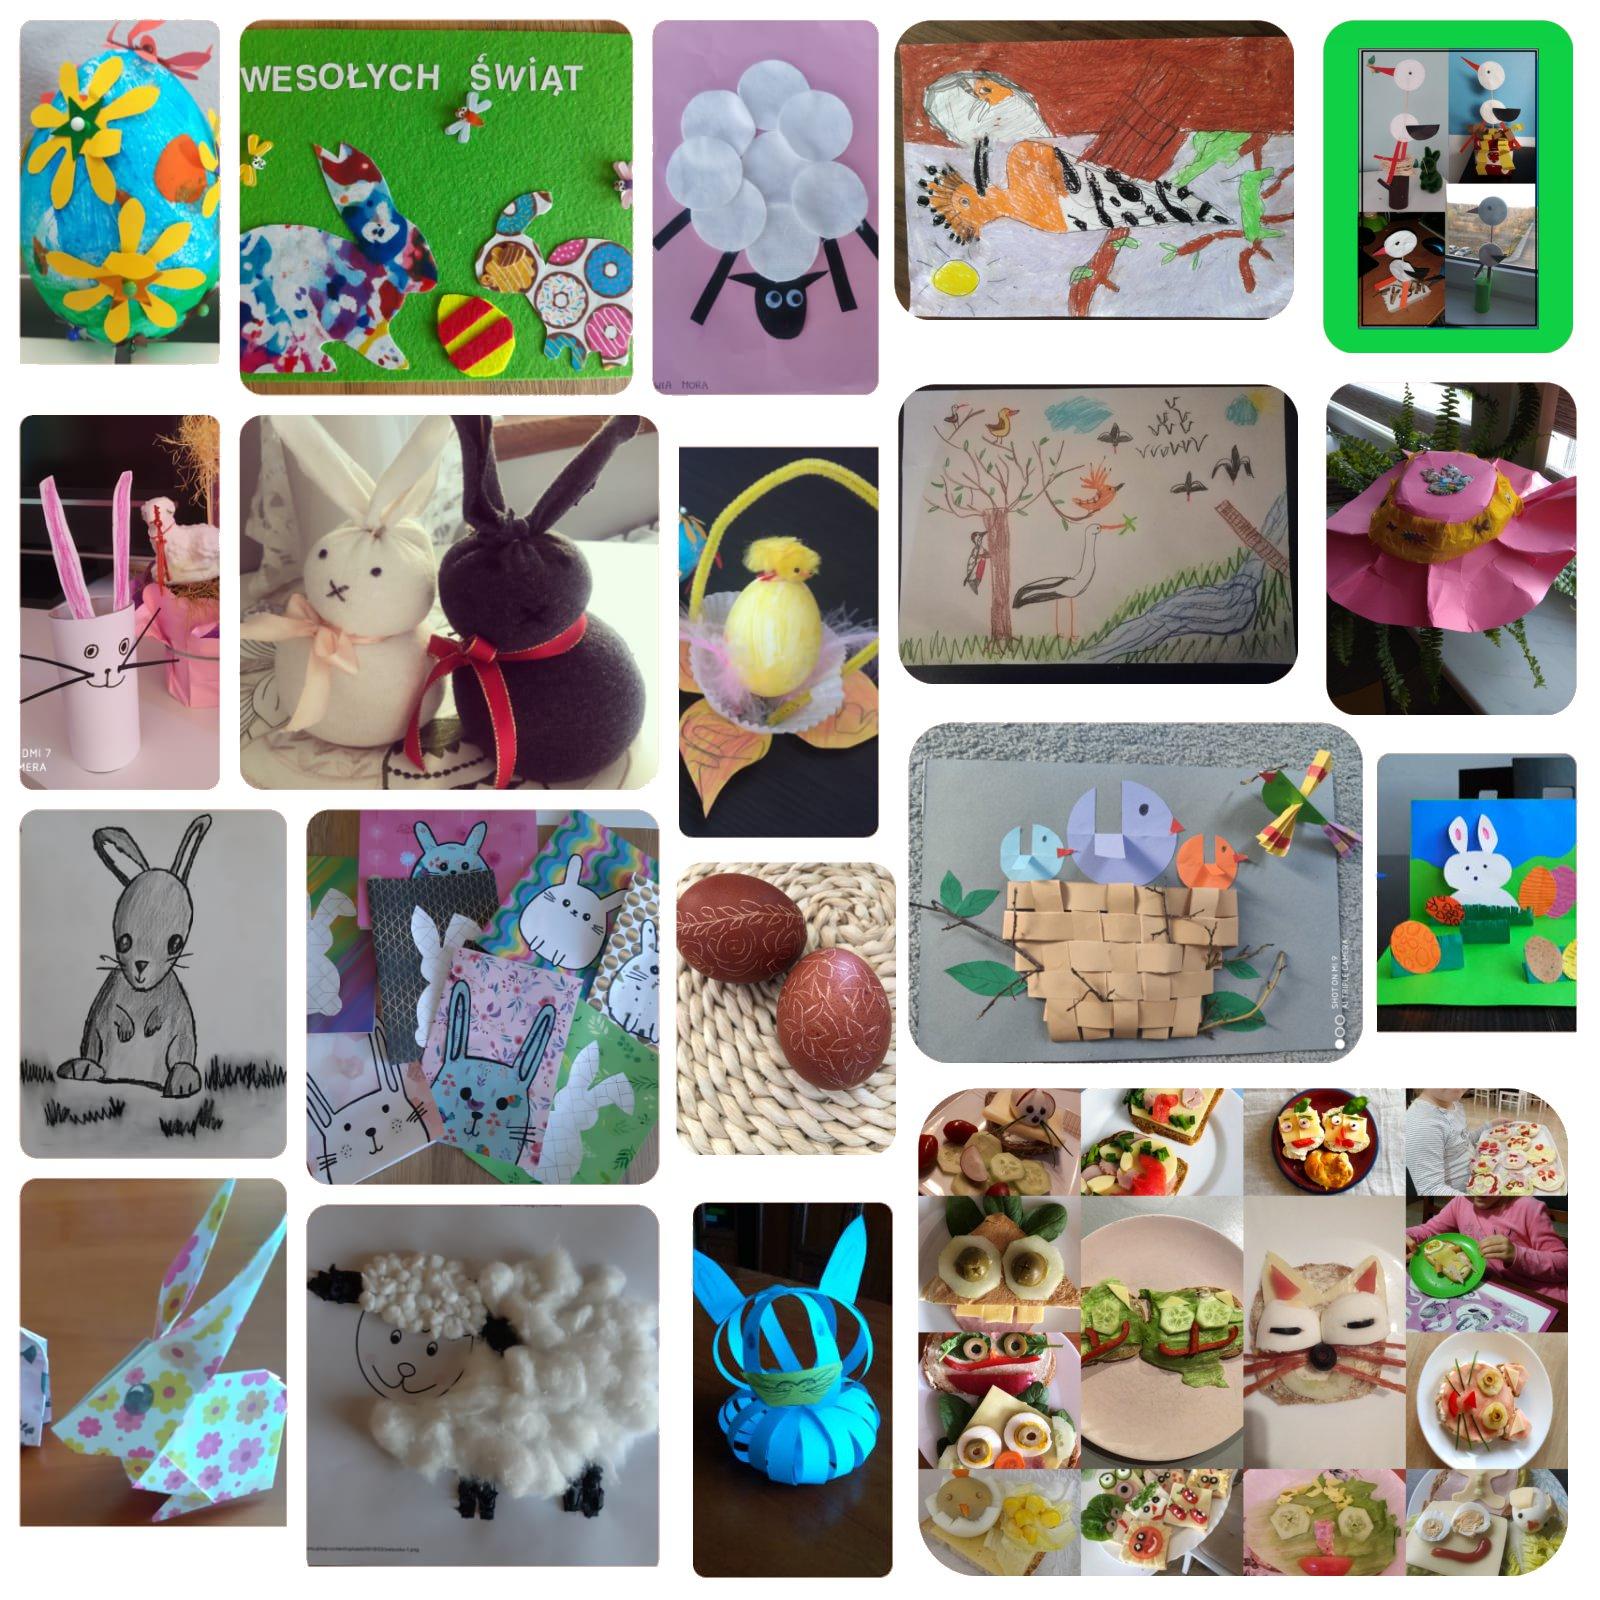 Zdjęcia prac plastycznych dzieci klas 1 do 3